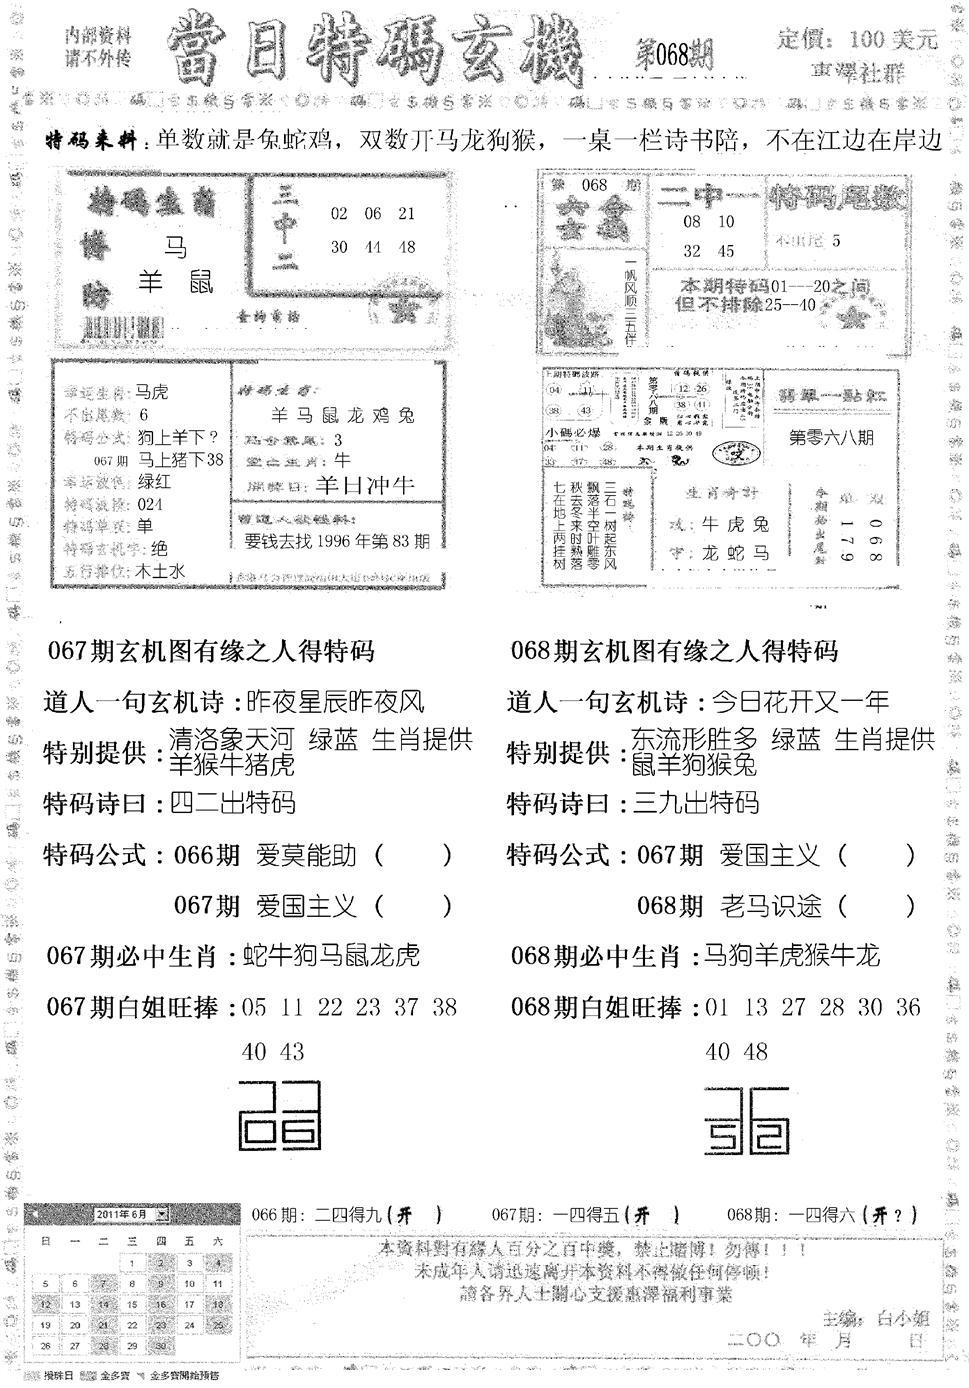 068期当日特码玄机A(新)(黑白)